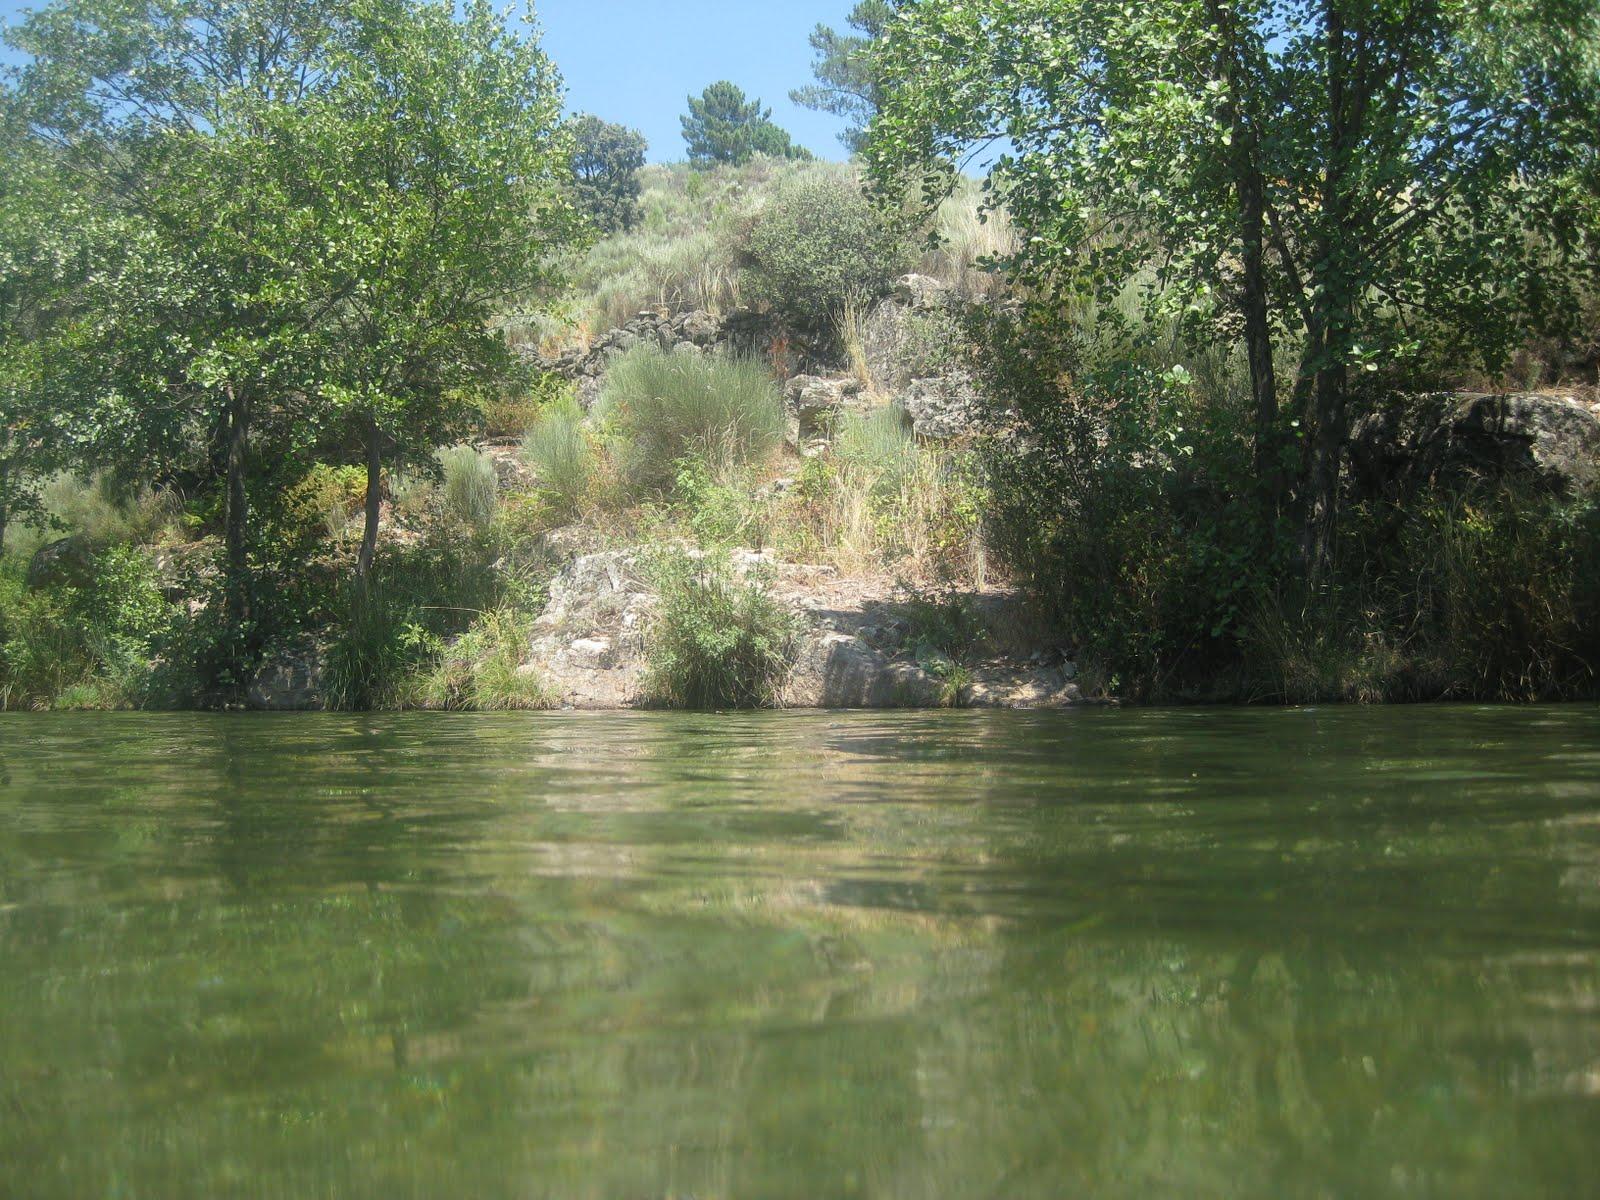 Al sur del sur piscinas naturales de la sierra de gata for Piscinas naturales horcajo de la sierra